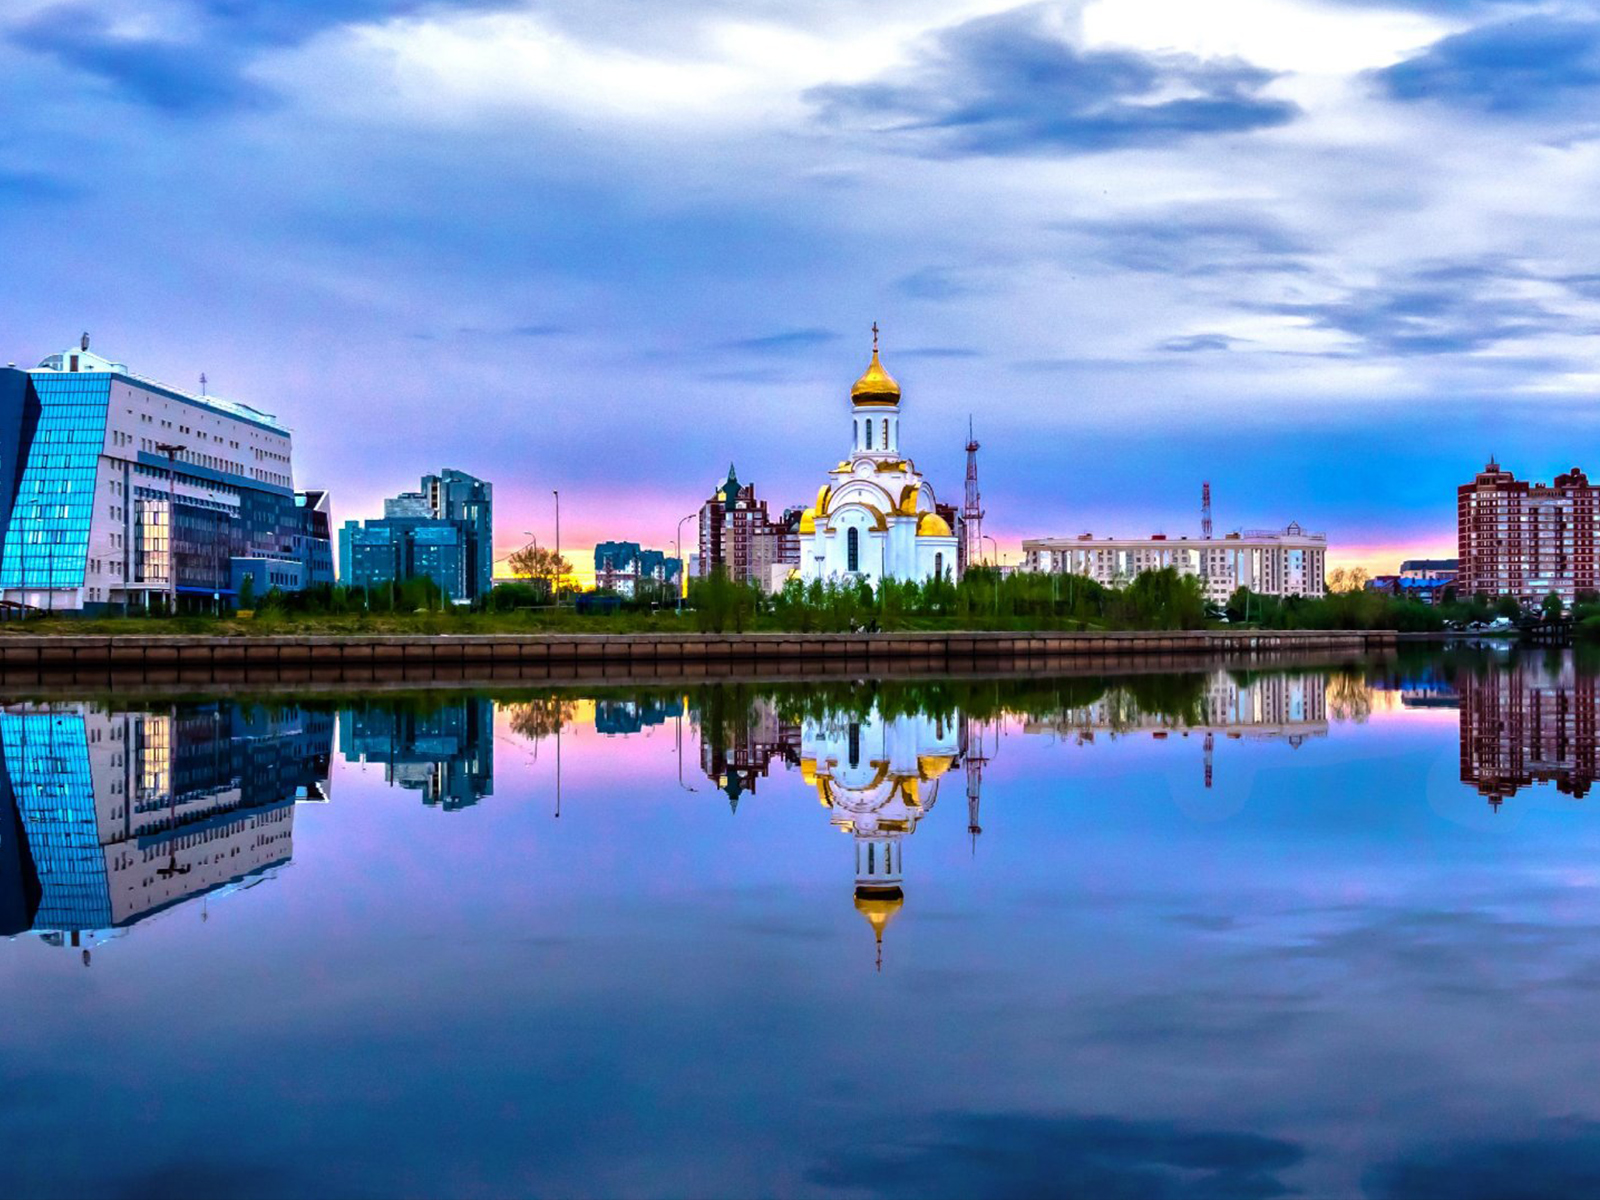 盘点2021年十大俄罗斯最富有城市插图3-小狮座俄罗斯留学